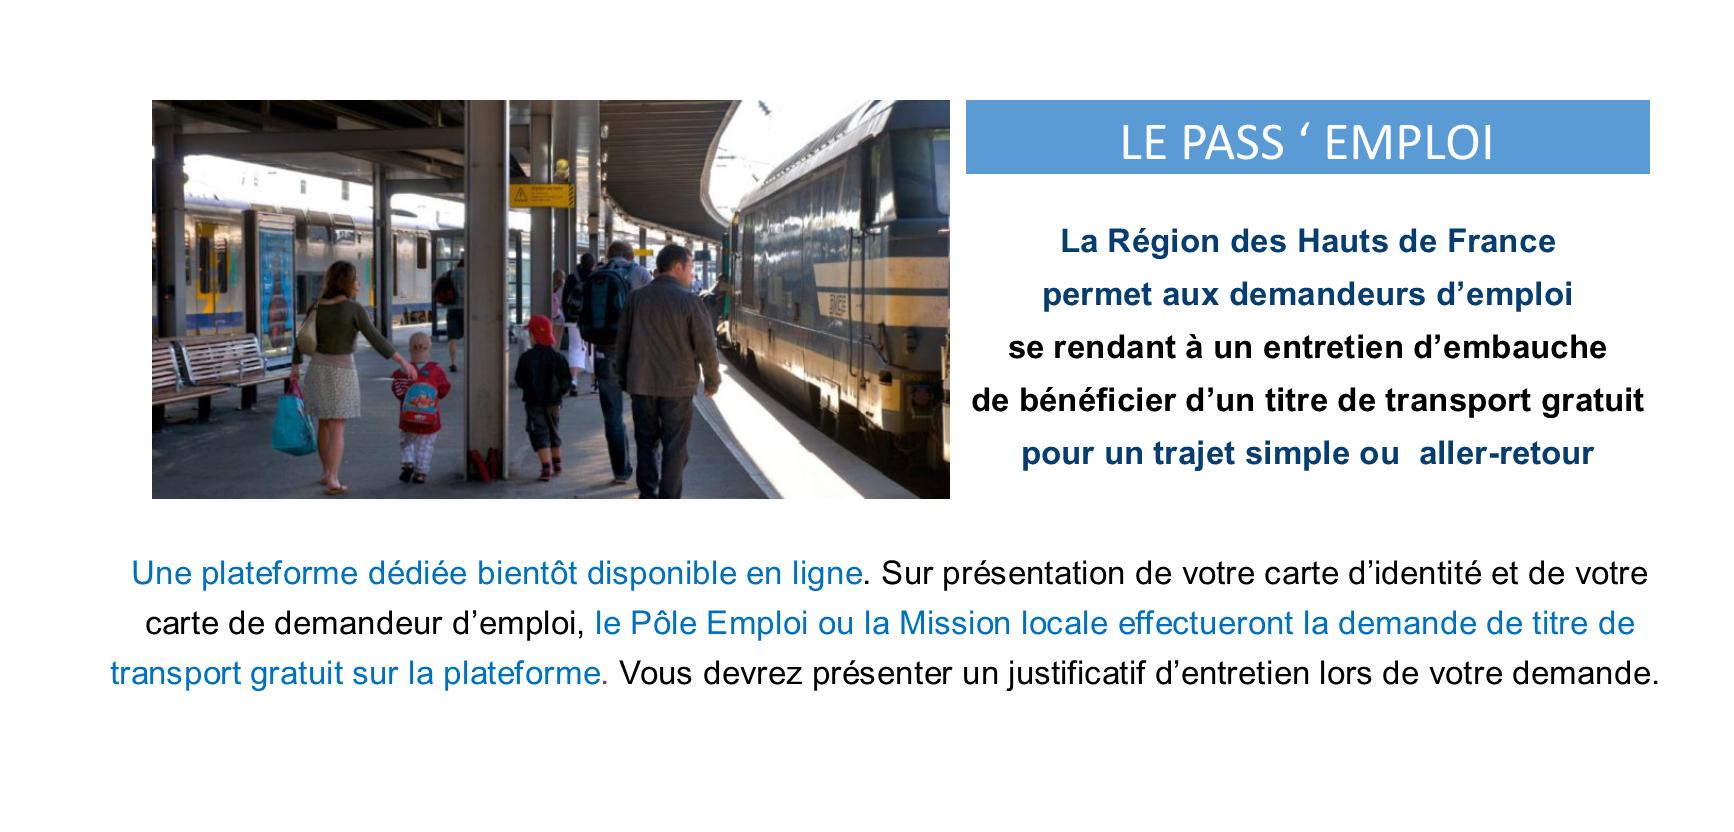 pass-emploi-R.png